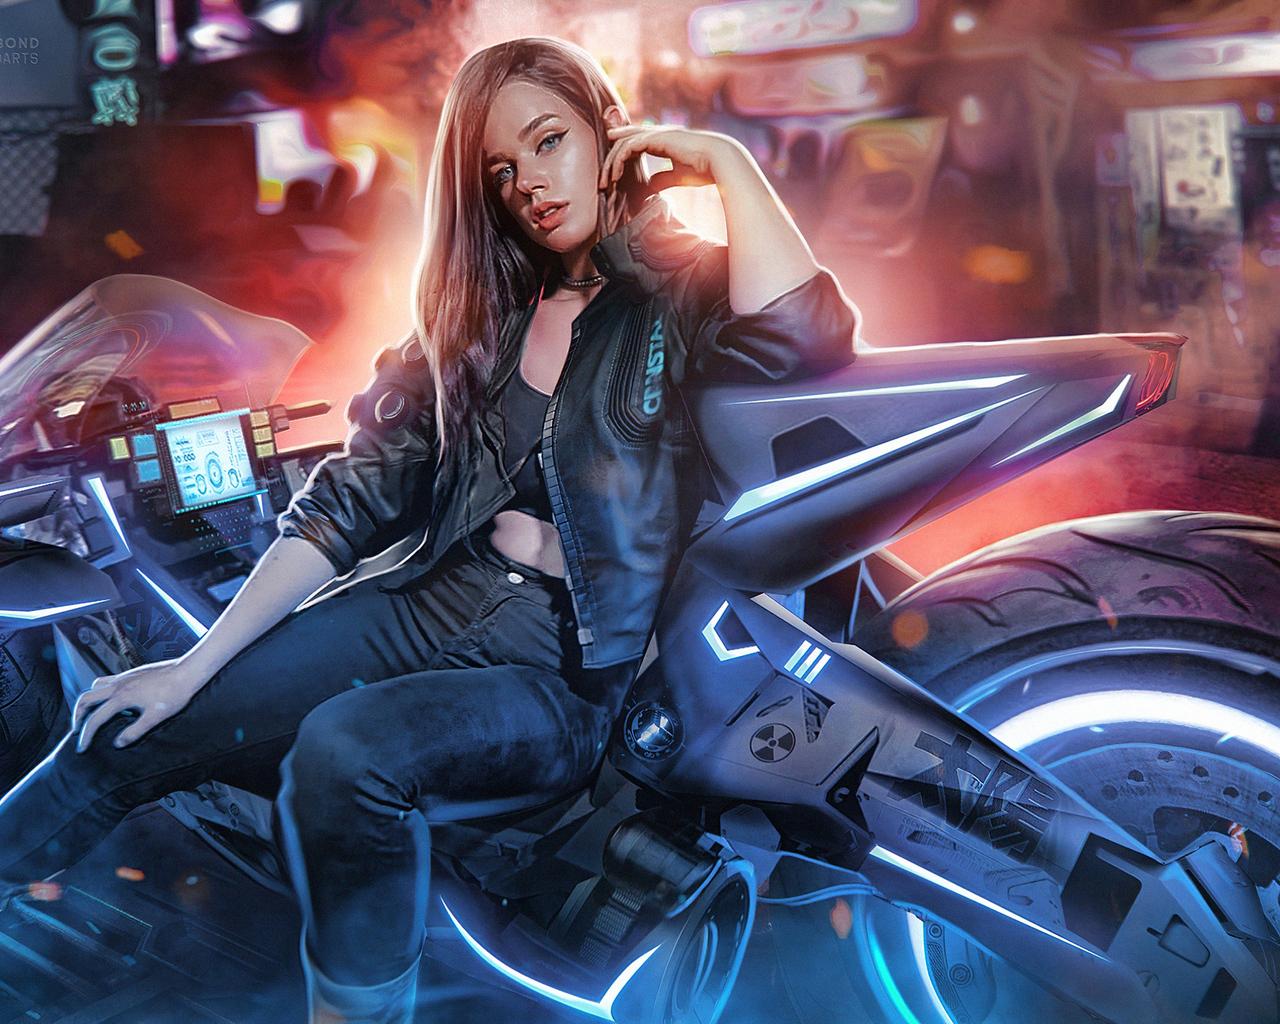 cyberpunk-biker-girl-art-nm.jpg